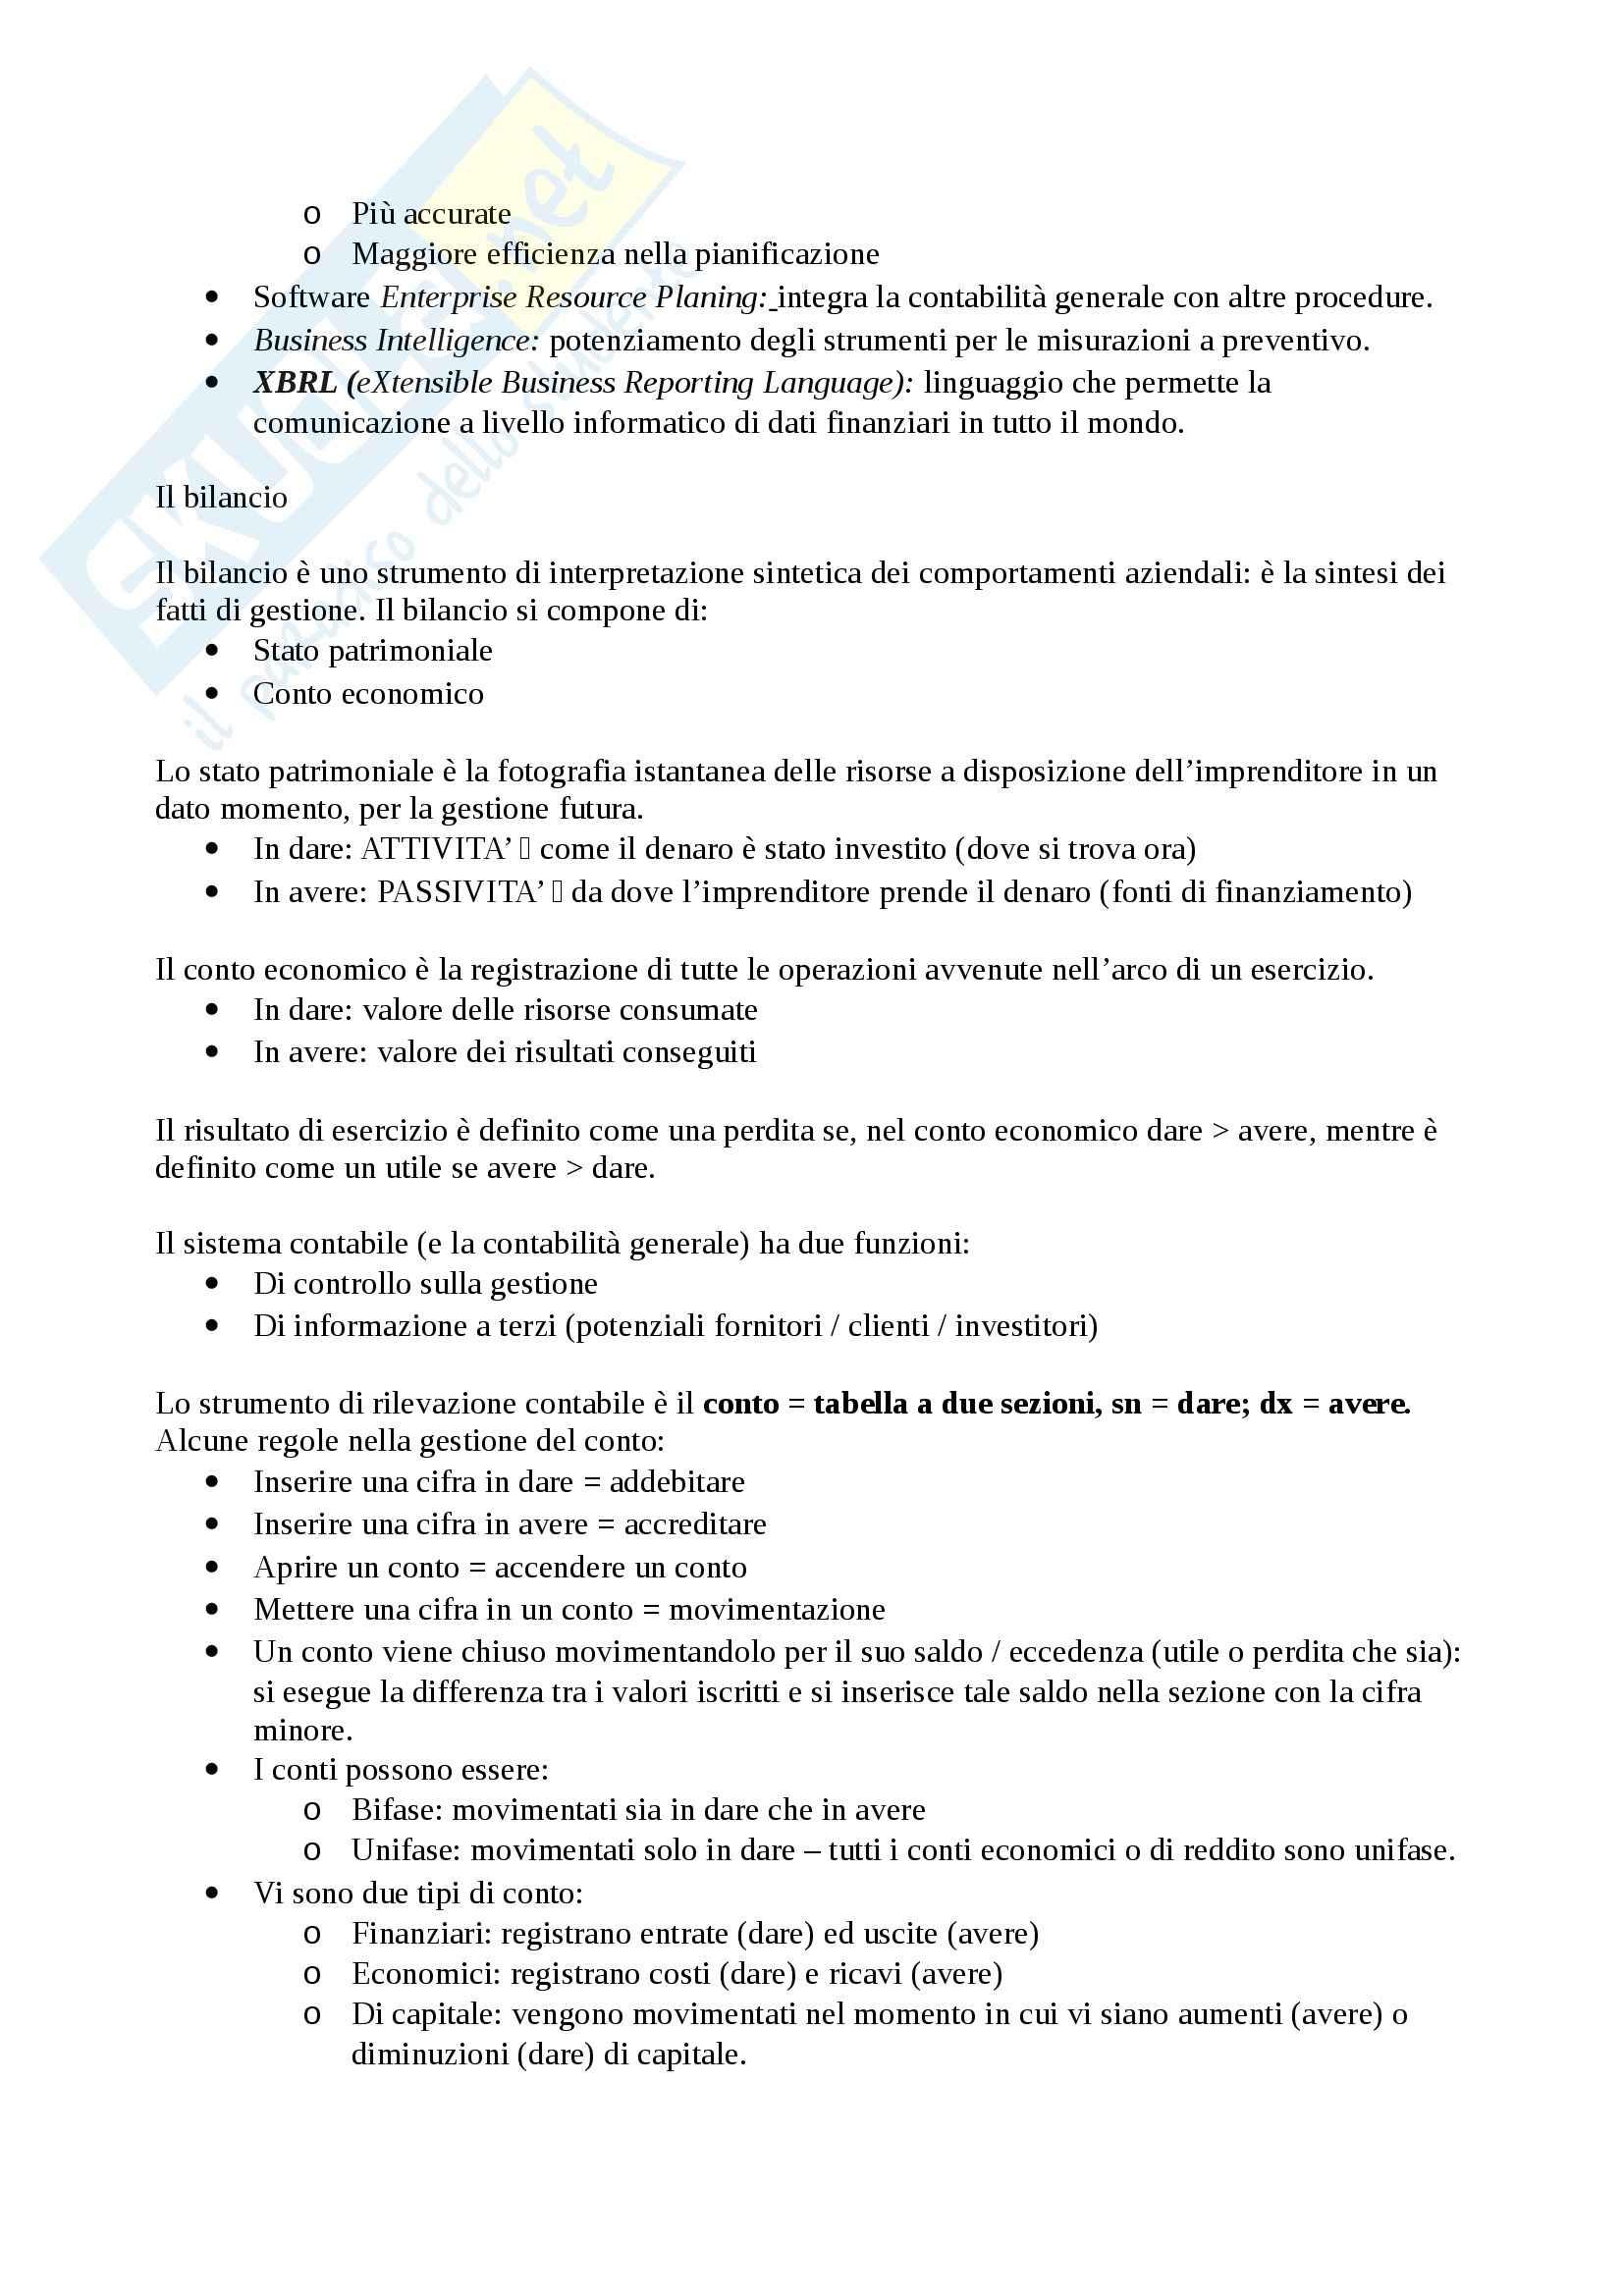 Economia aziendale - Appunti seconda parte Pag. 2